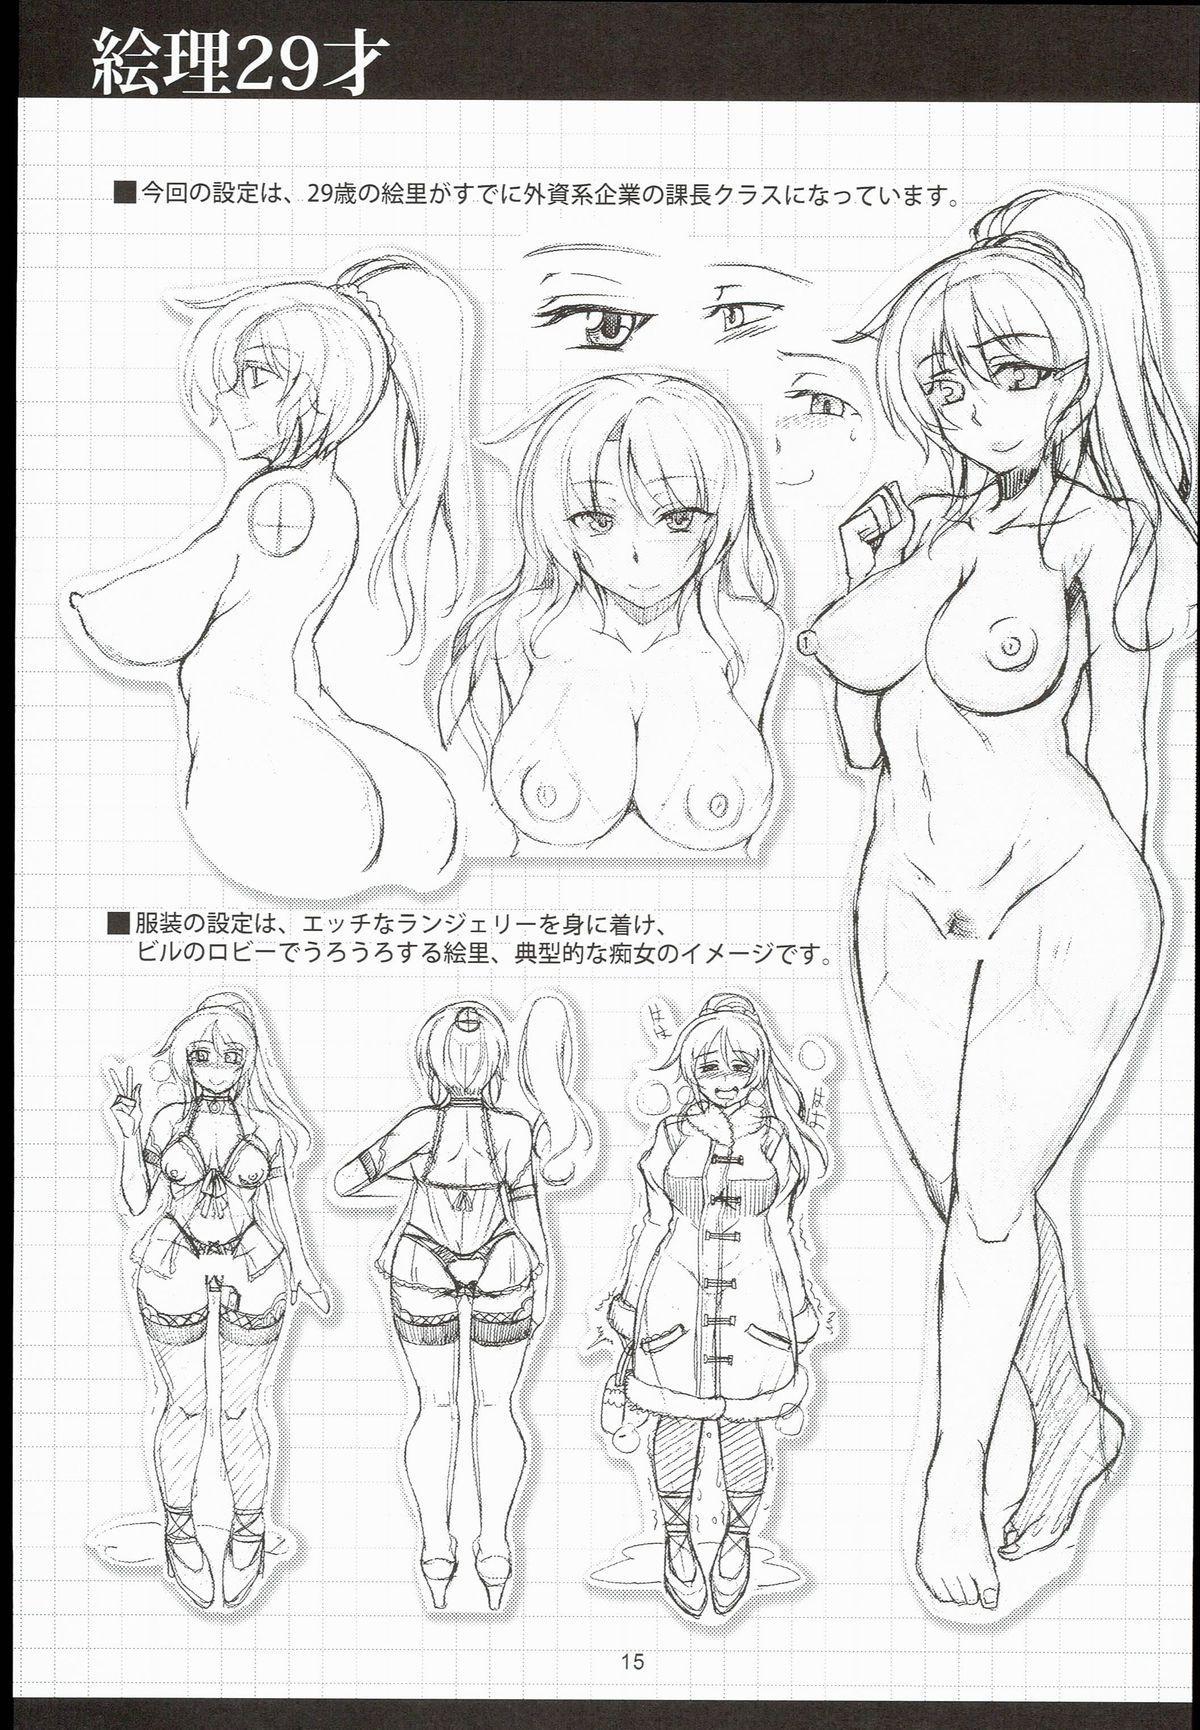 Eri 29-sai Aokan Roshutsu 16